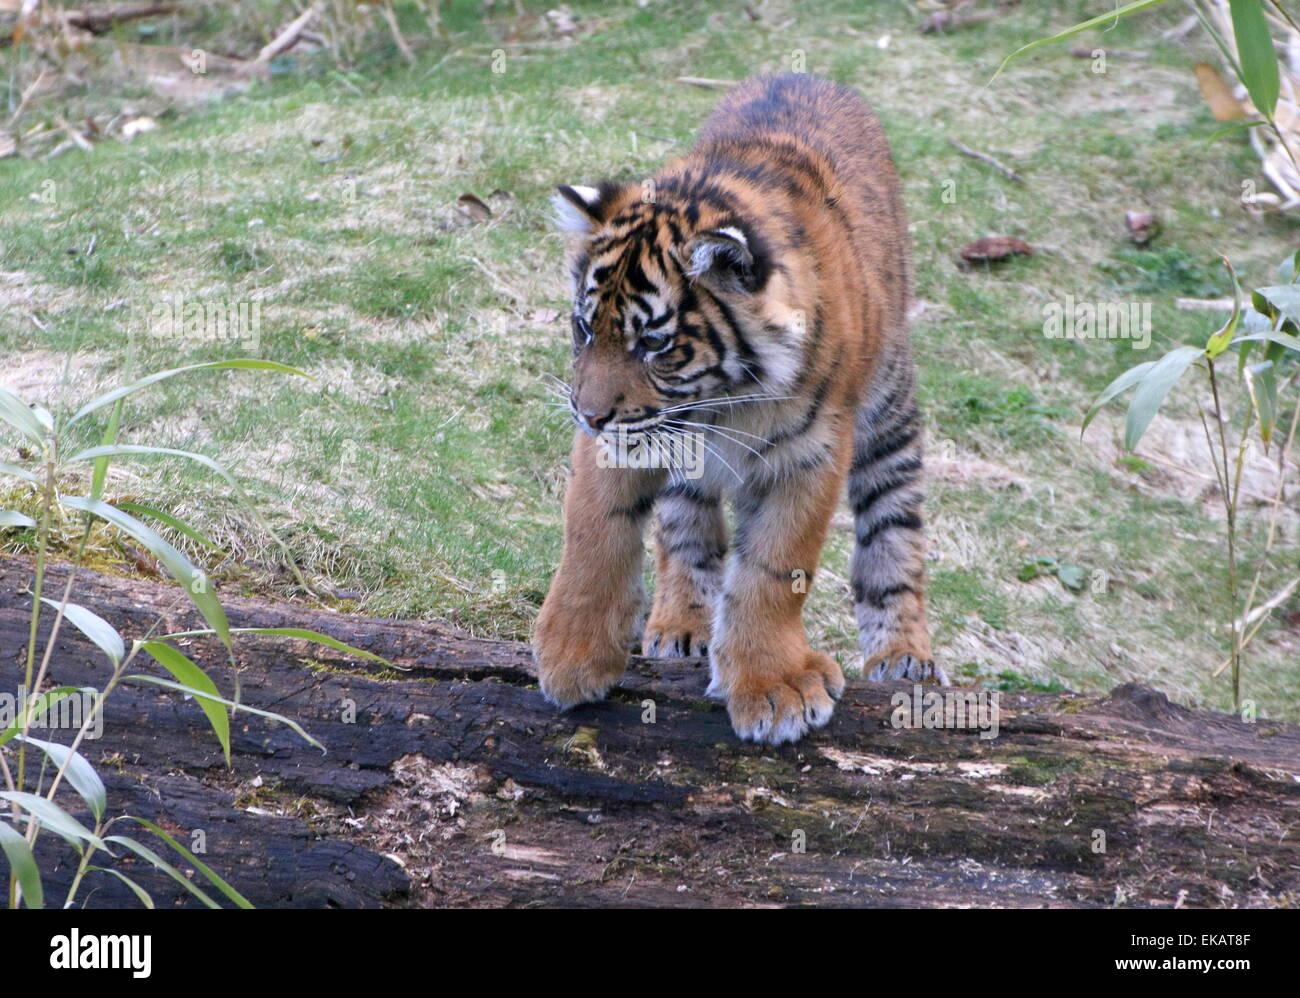 Young Sumatran Tiger cub (Panthera tigris sumatrae) - Stock Image